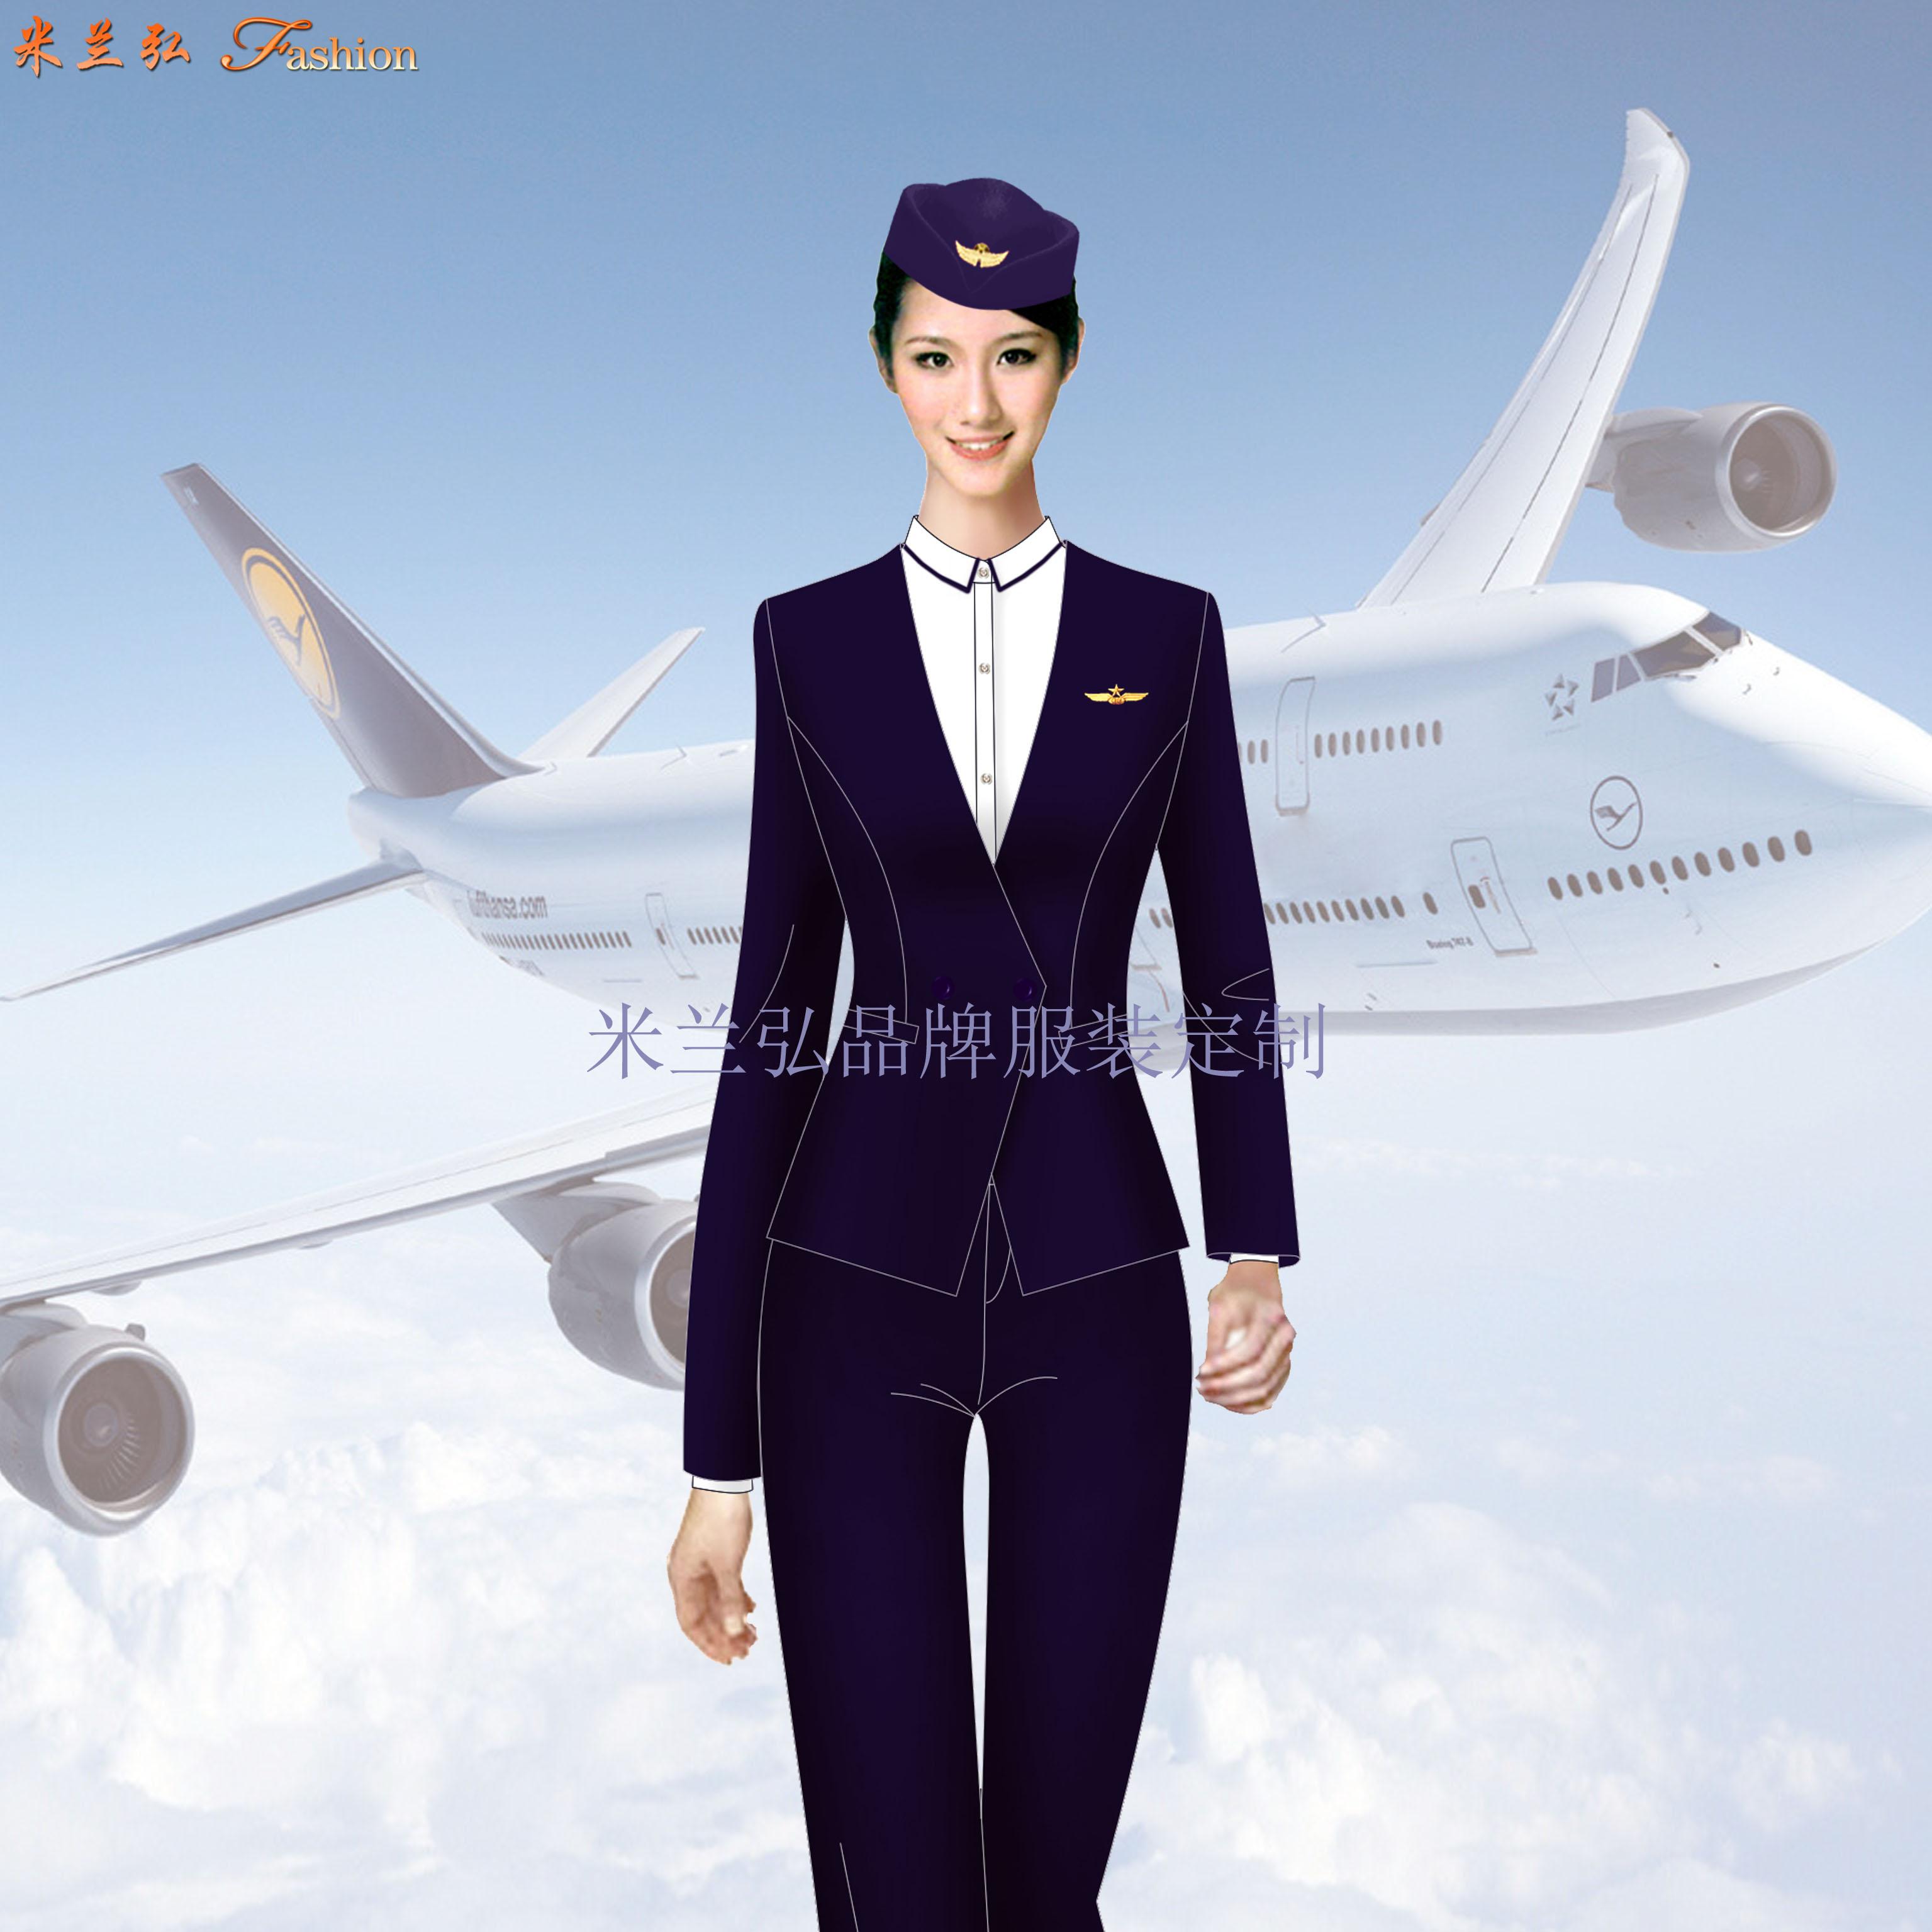 汽車站服裝定做-長途汽車站女式西服職業裝-米蘭弘服裝廠家-5